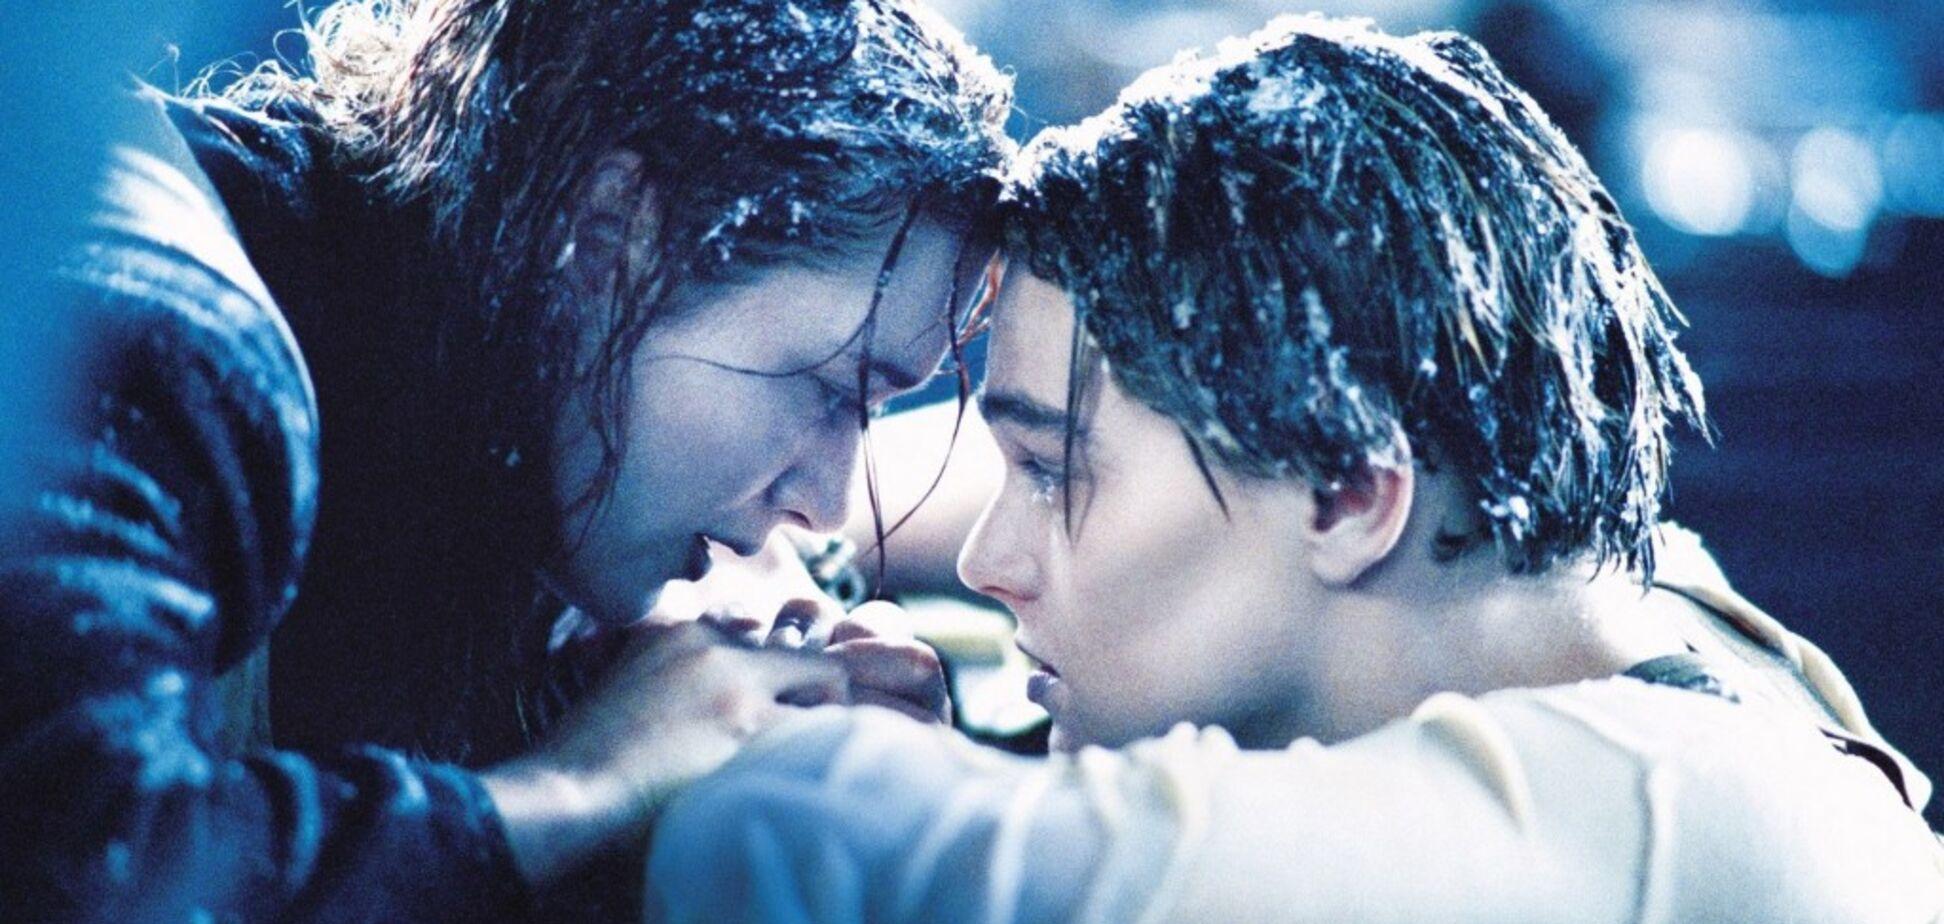 Головна актриса 'Титаніка' виправила трагічний фінал знаменитої картини